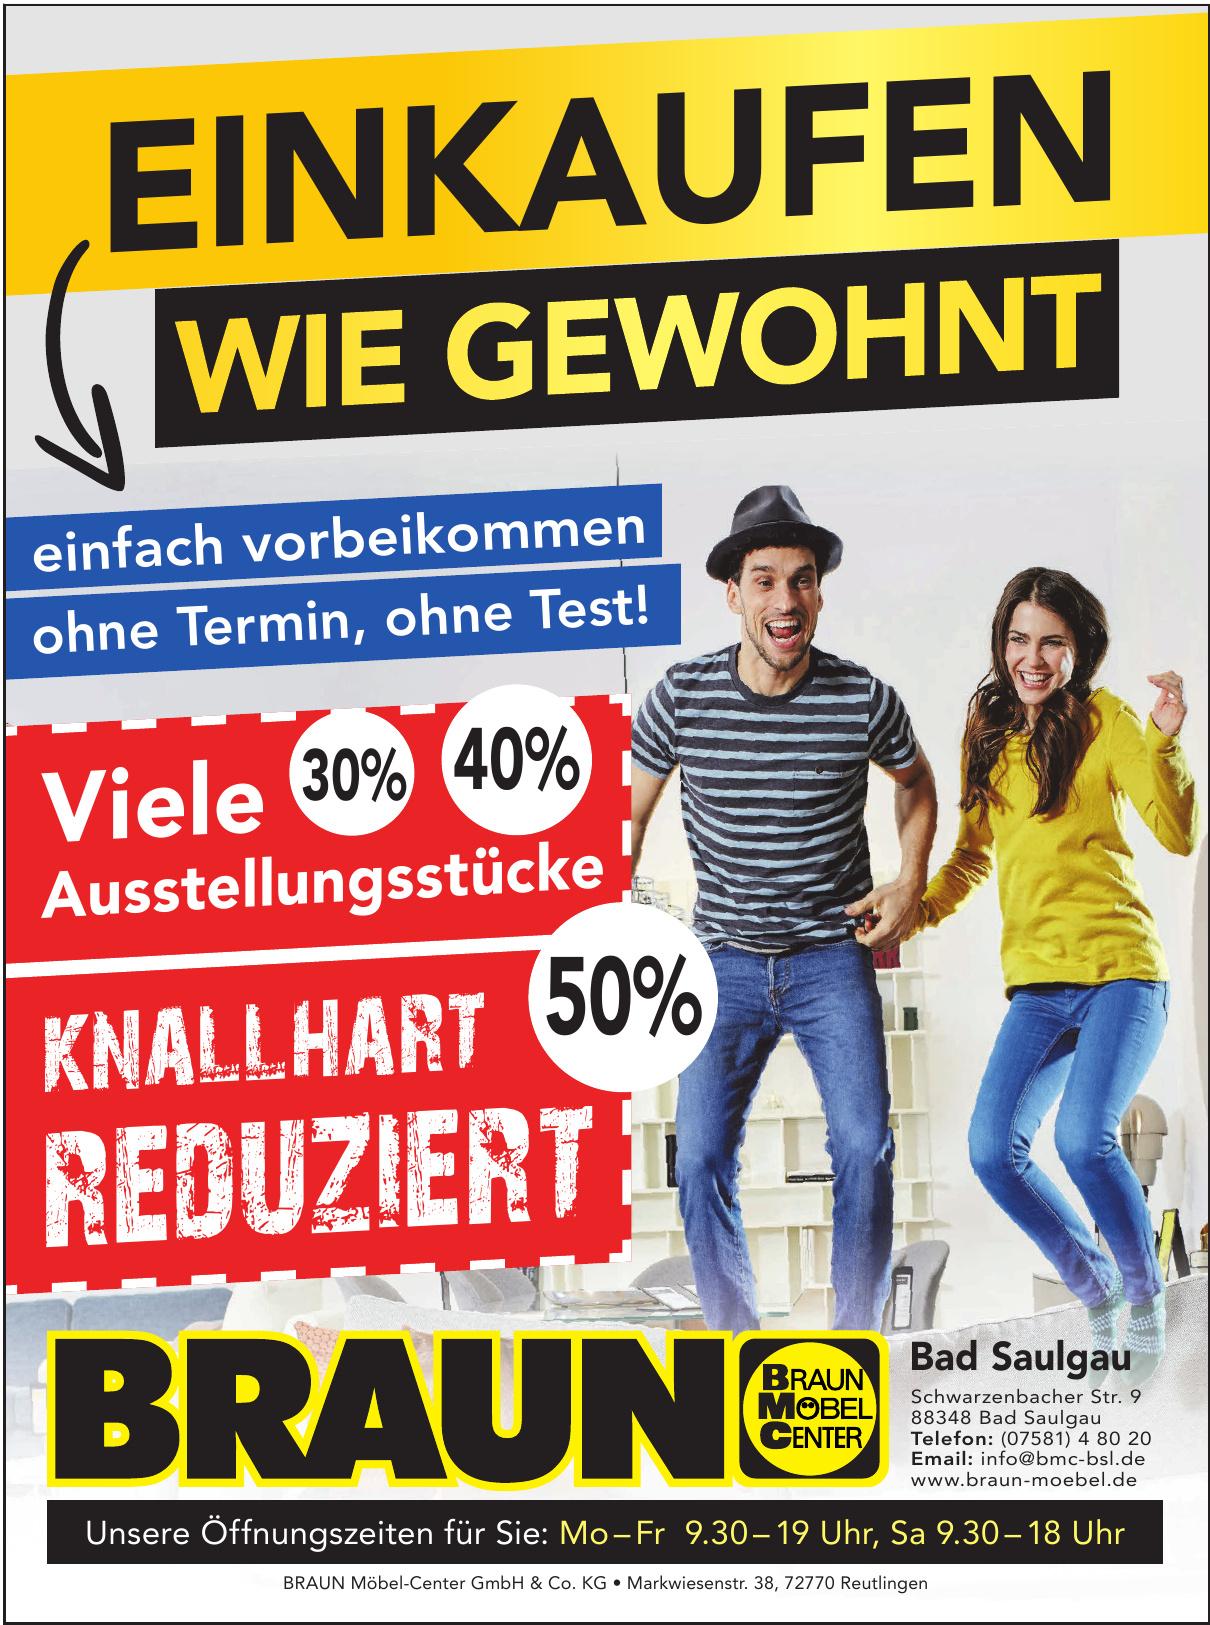 BRAUN Möbel-Center GmbH & Co. KG